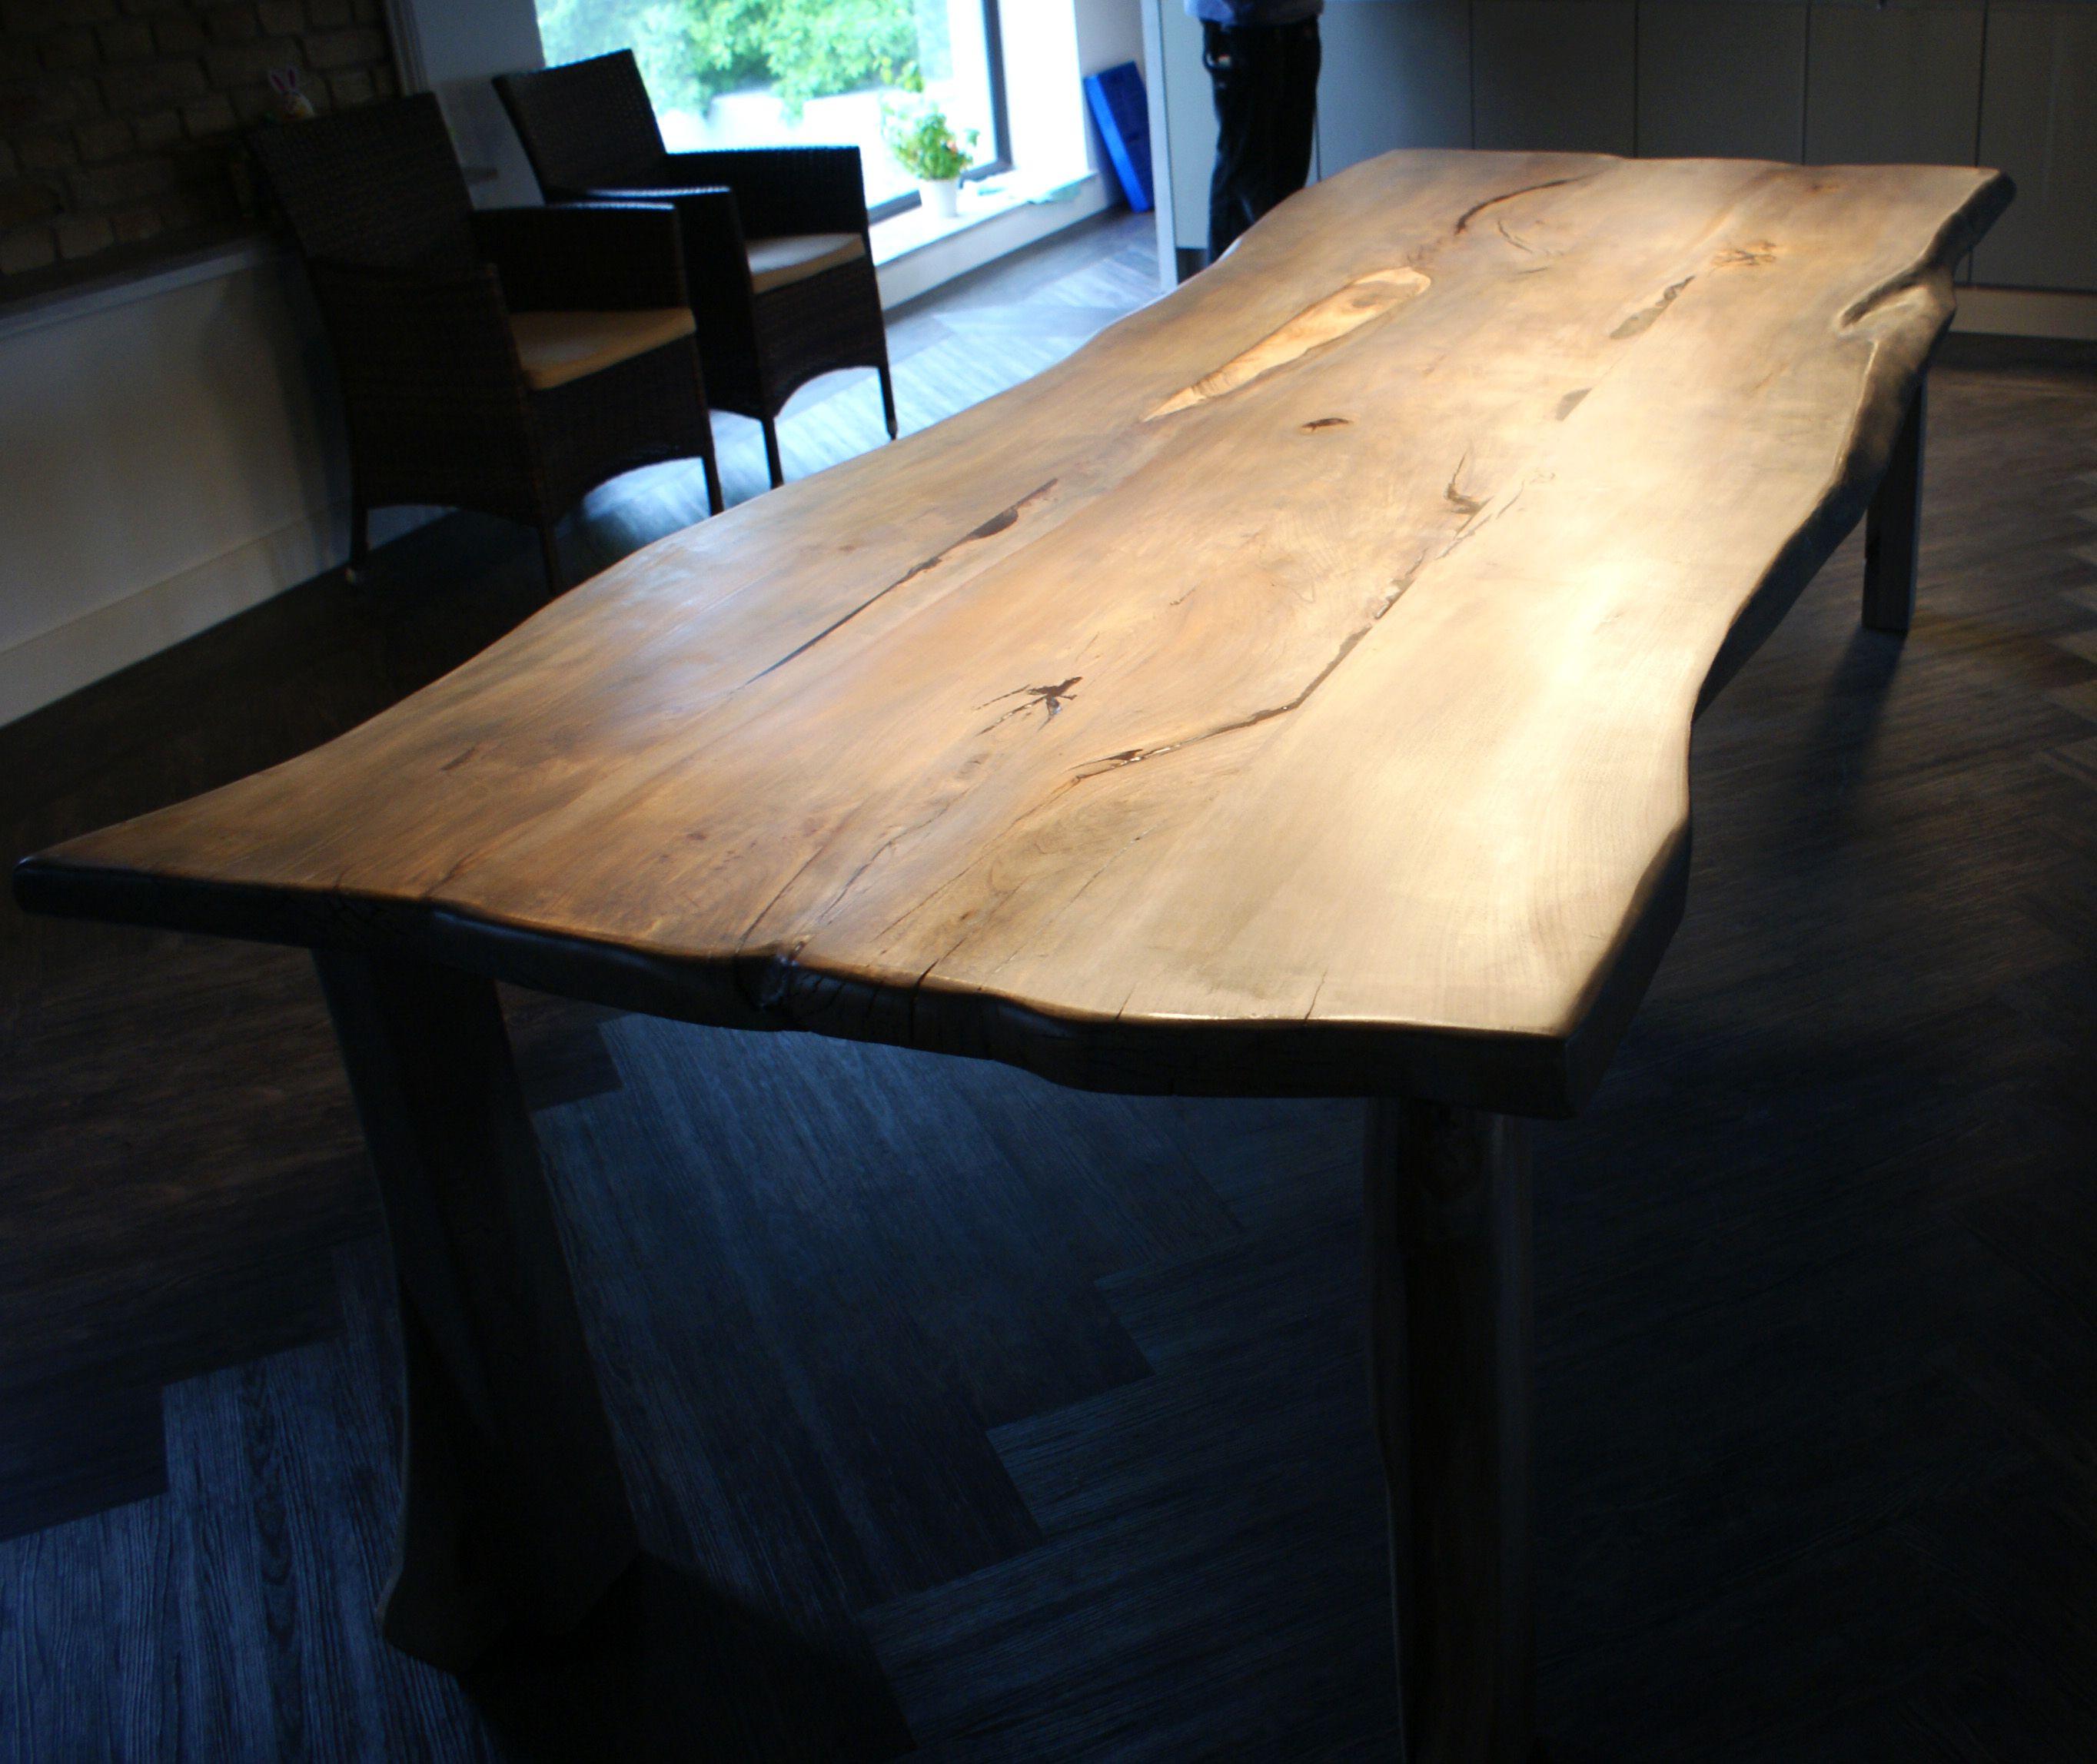 Schön Esstisch Holz Grau